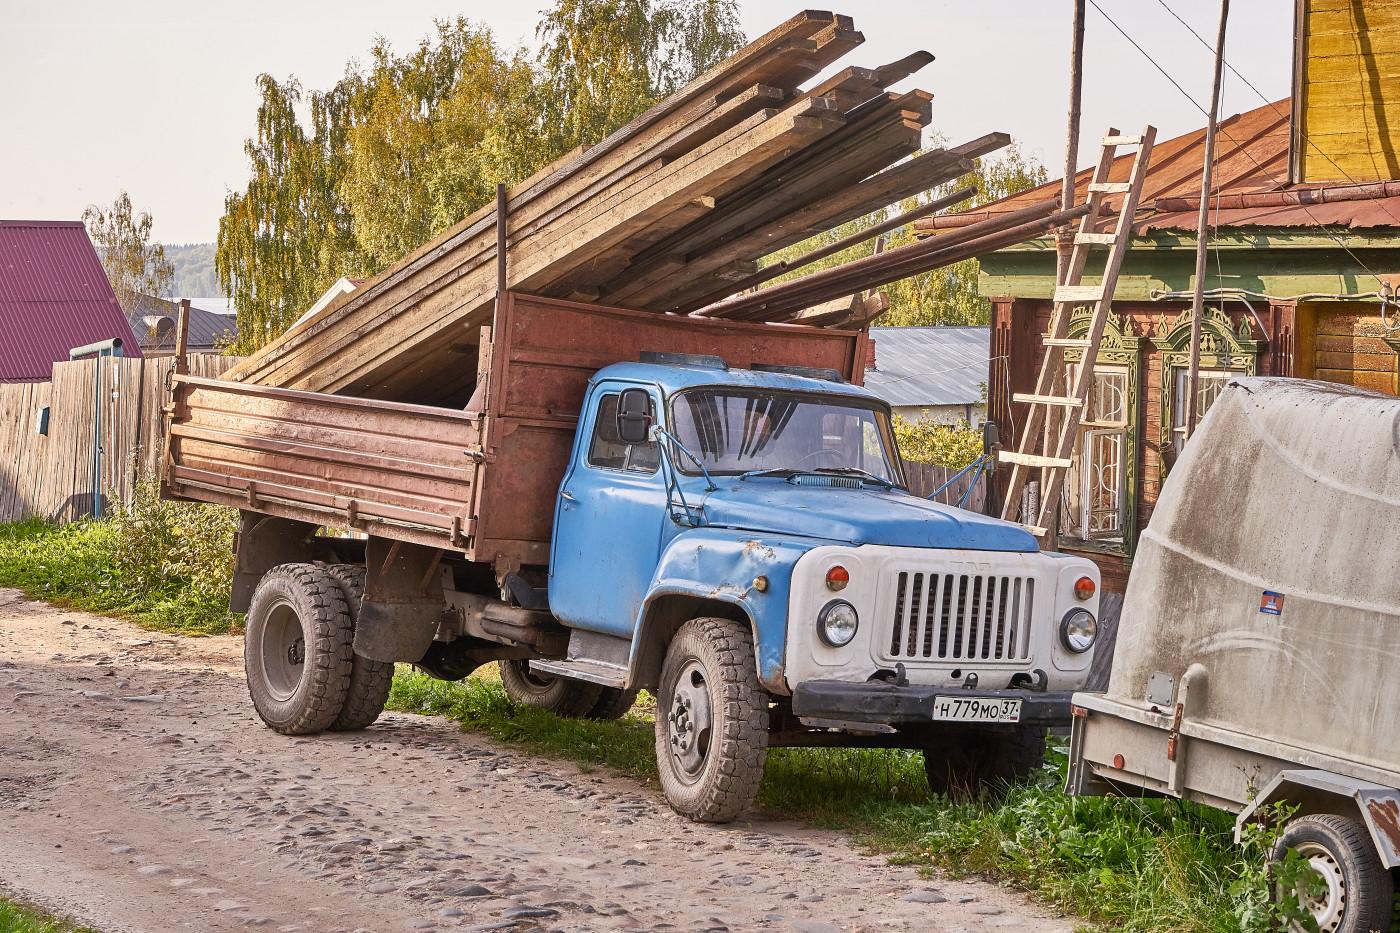 ГАЗ-САЗ-3507,  #Н 779 МО 37. Ивановская область, г. Плес, ул. Урицкого